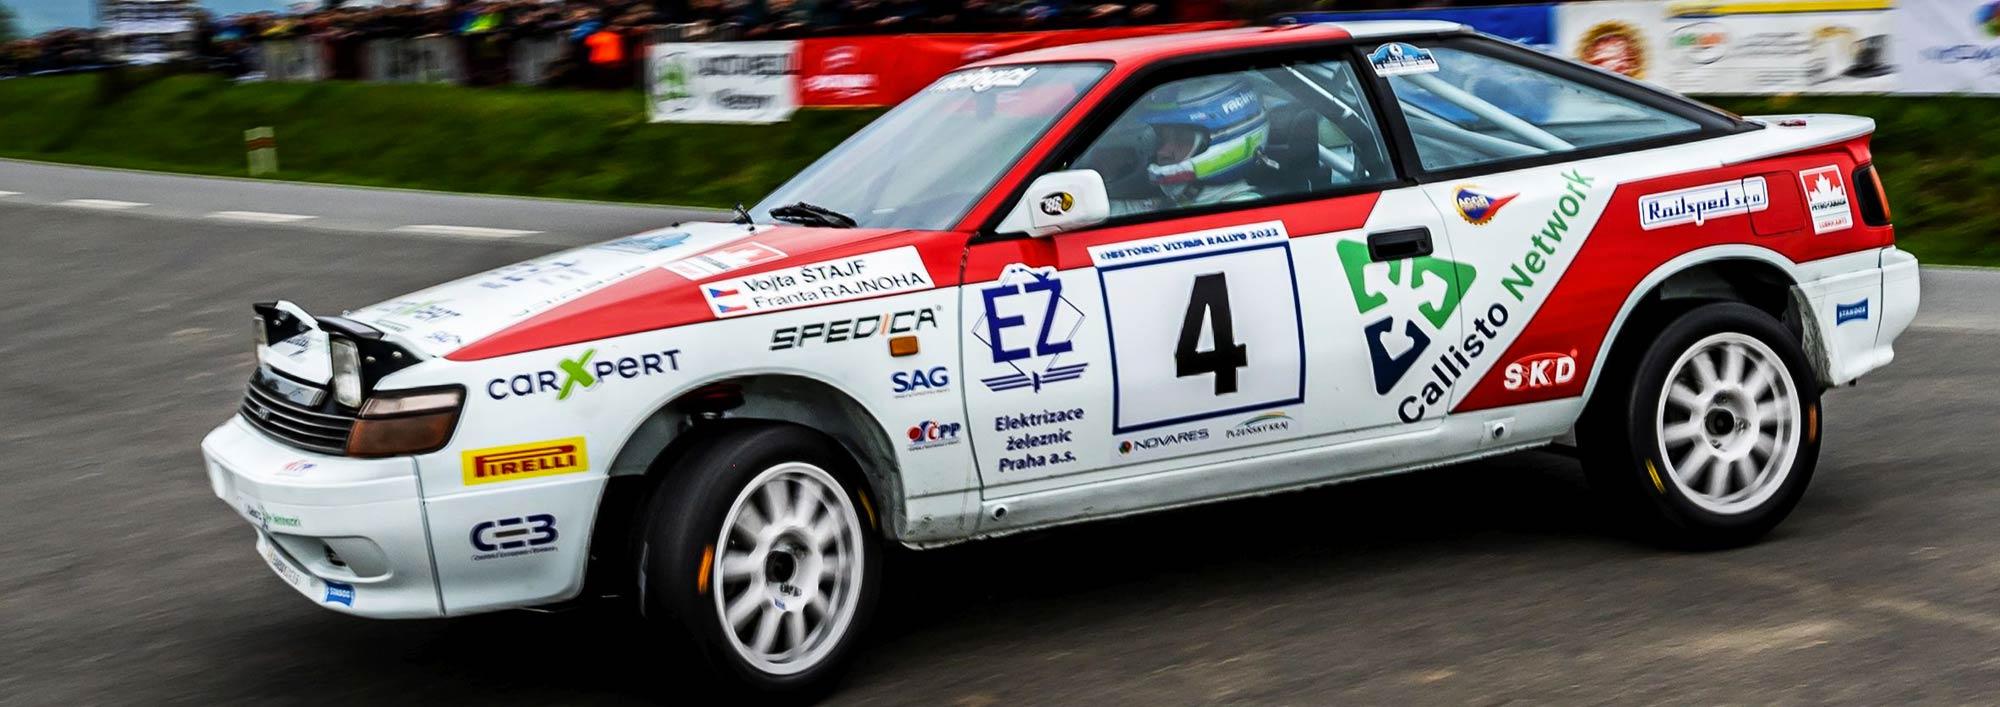 RACING 21: Partneři - Škoda WRC, rally, team, Štajf, Klokočka, Racing 21, rally rider Škoda